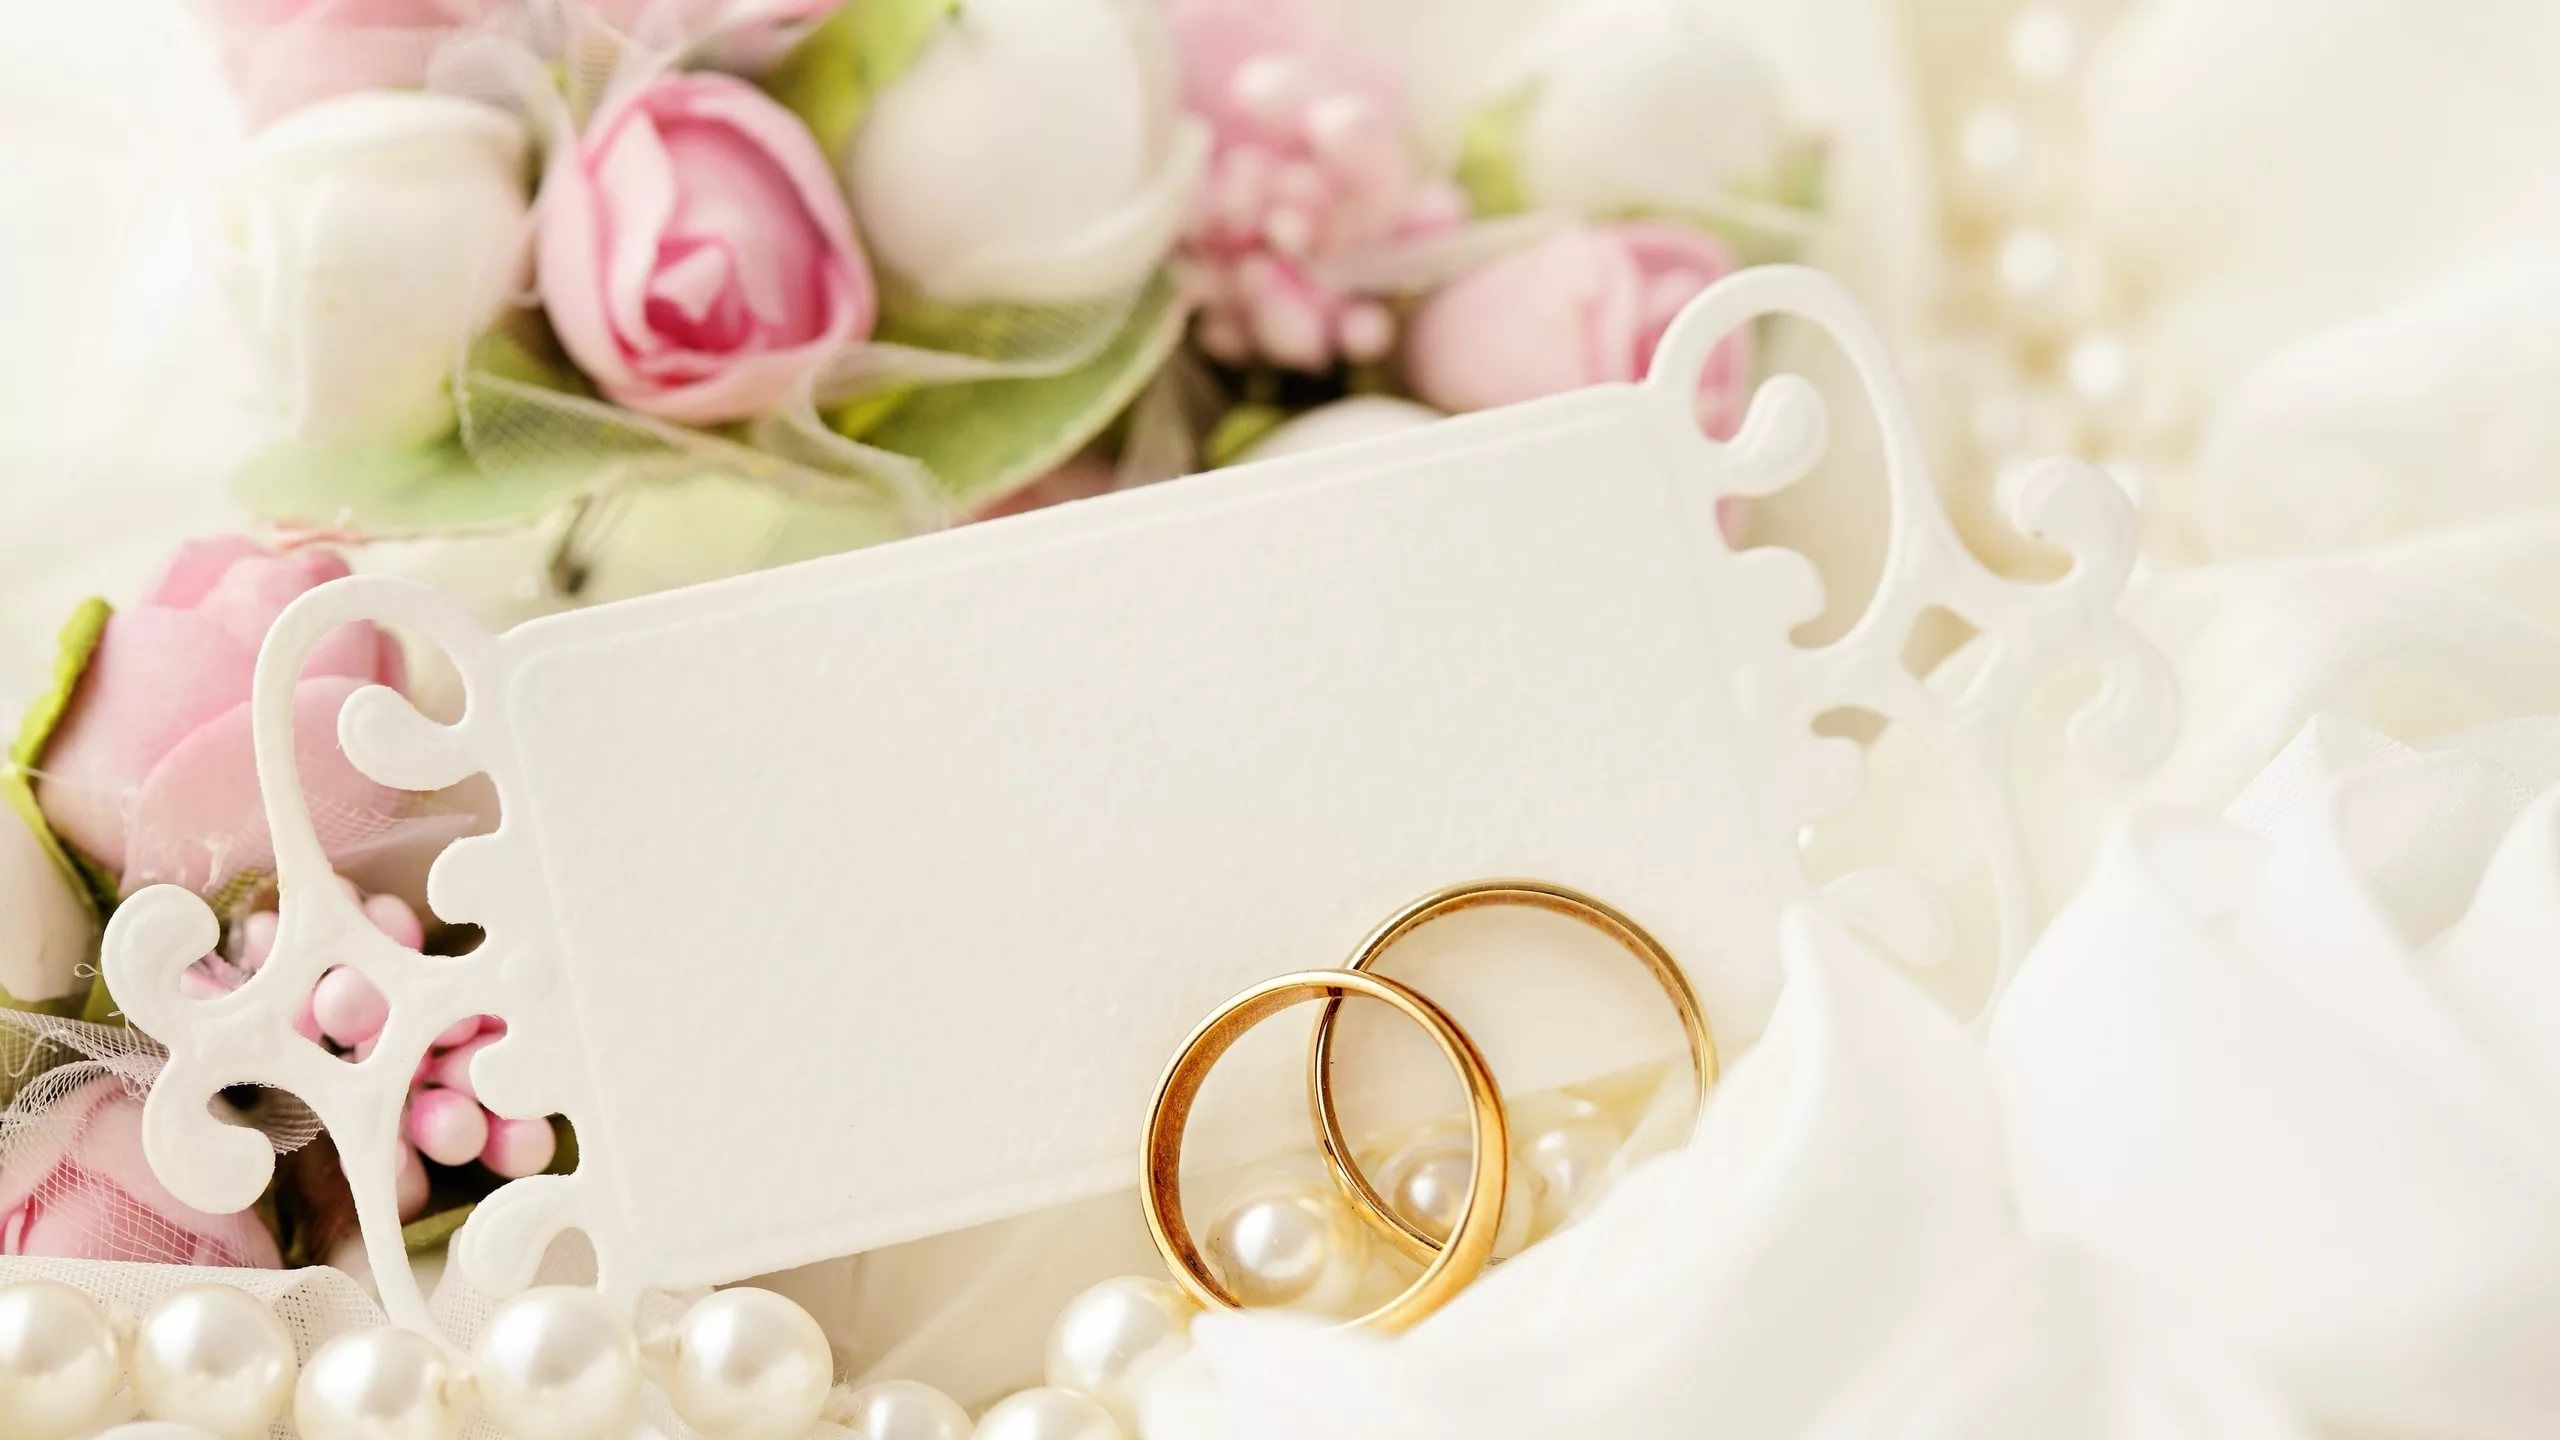 картинки на свад план дома включен